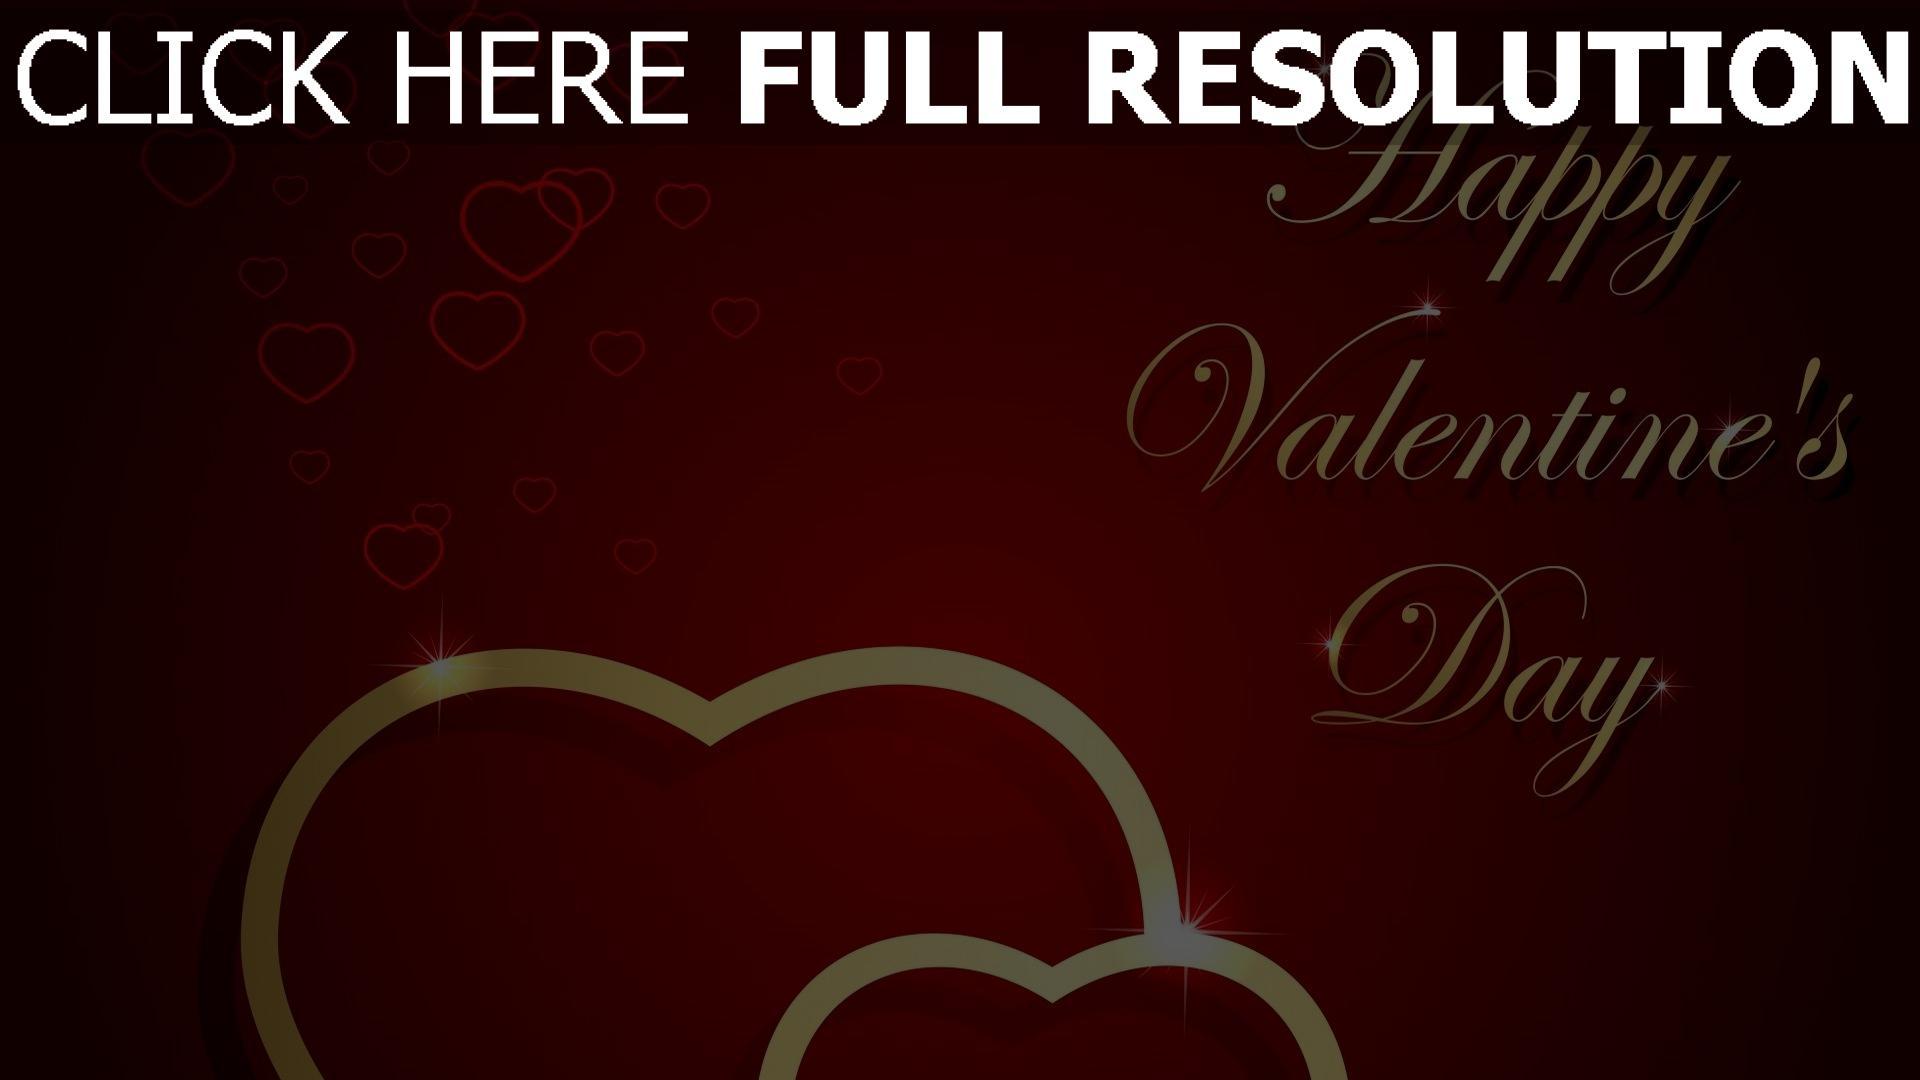 Hd Hintergrundbilder Valentinstag Grüße Wünsche Herzen Rot Gold 1920x1080